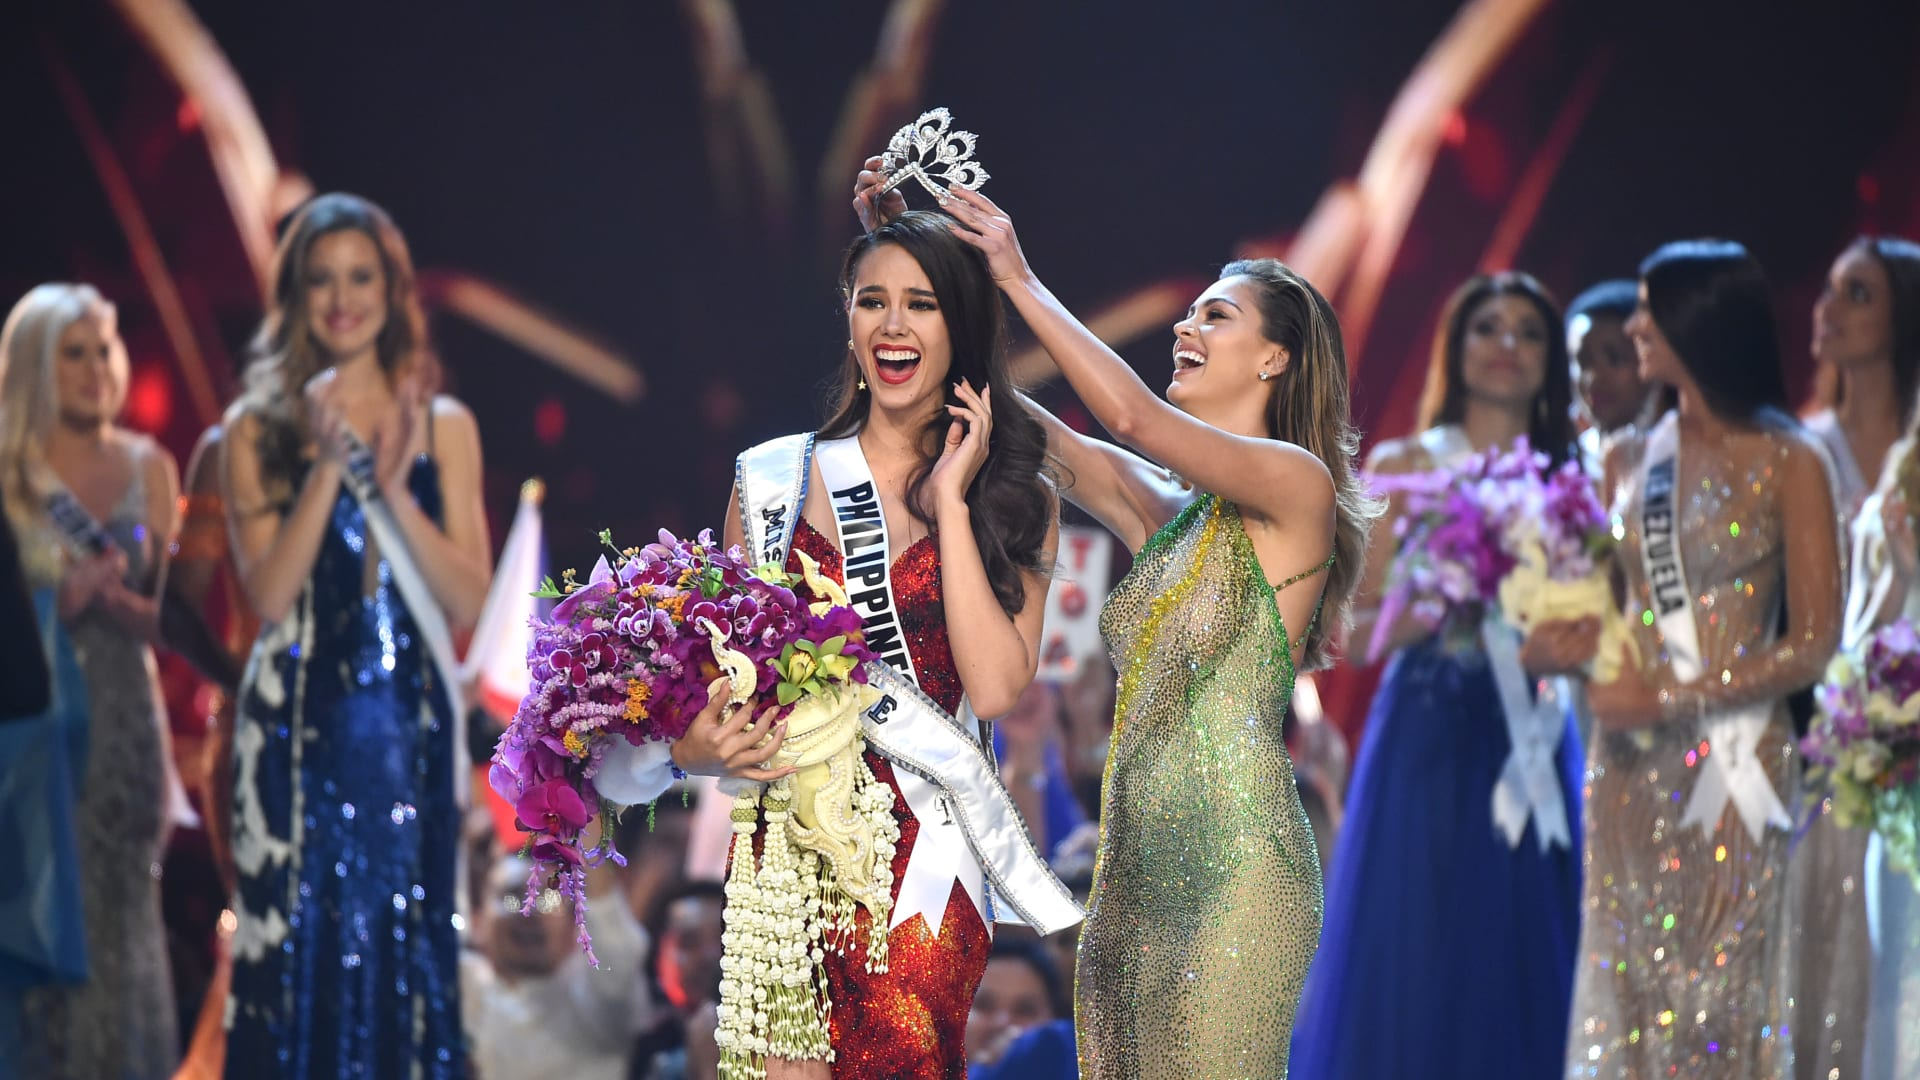 توجت ملكة جمال الفلبين، كاتريونا غراي، ملكة جمال الكون للعام 2018 في بانكوك، تايلاند الاثنين 17 ديسمبر/كانون الأول.